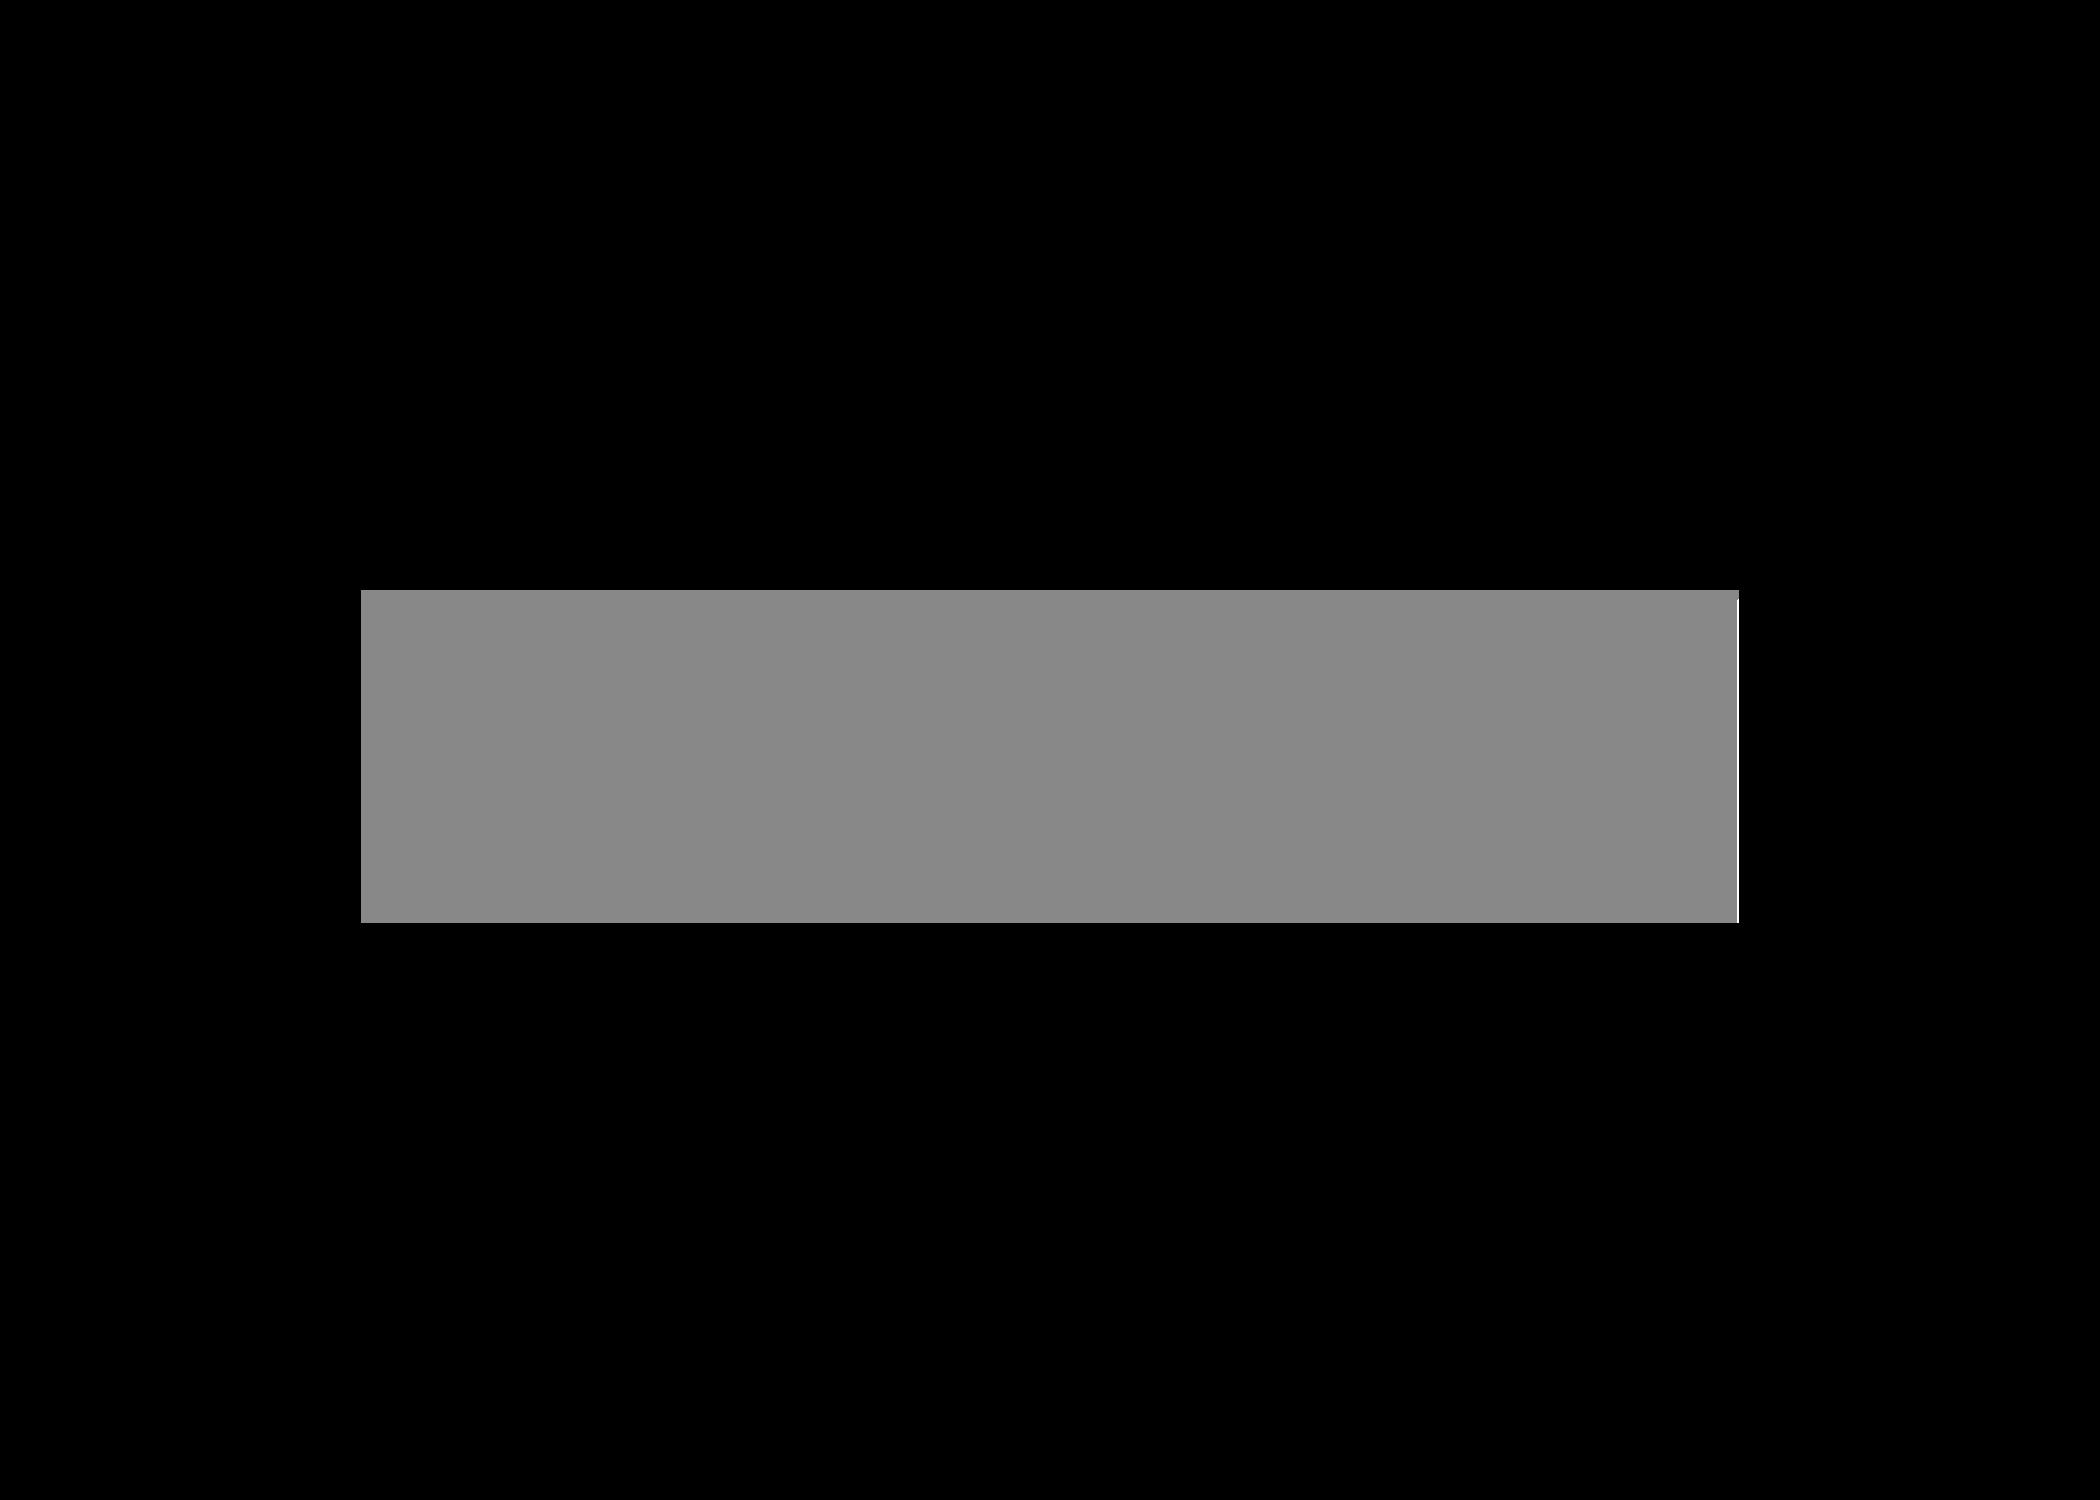 finlay.png